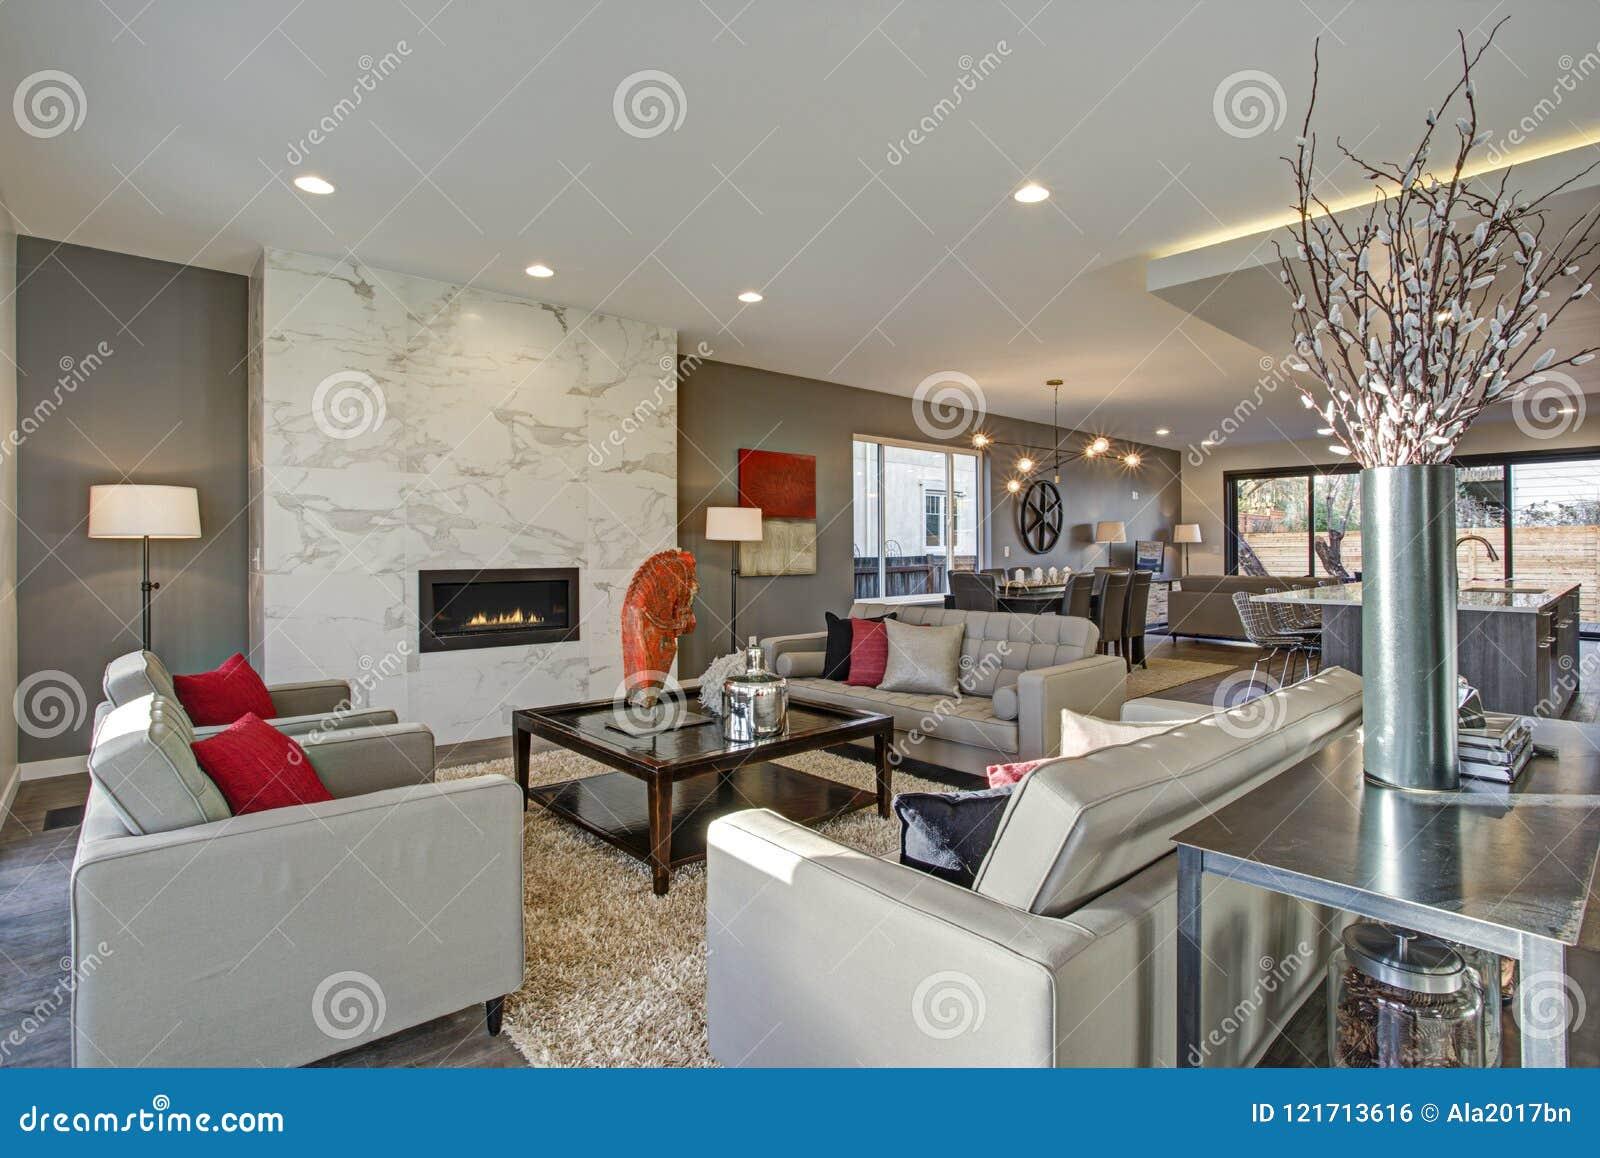 Interni Casa Grigio : Interno bianco e grigio del salone con la pianta aperta fotografia